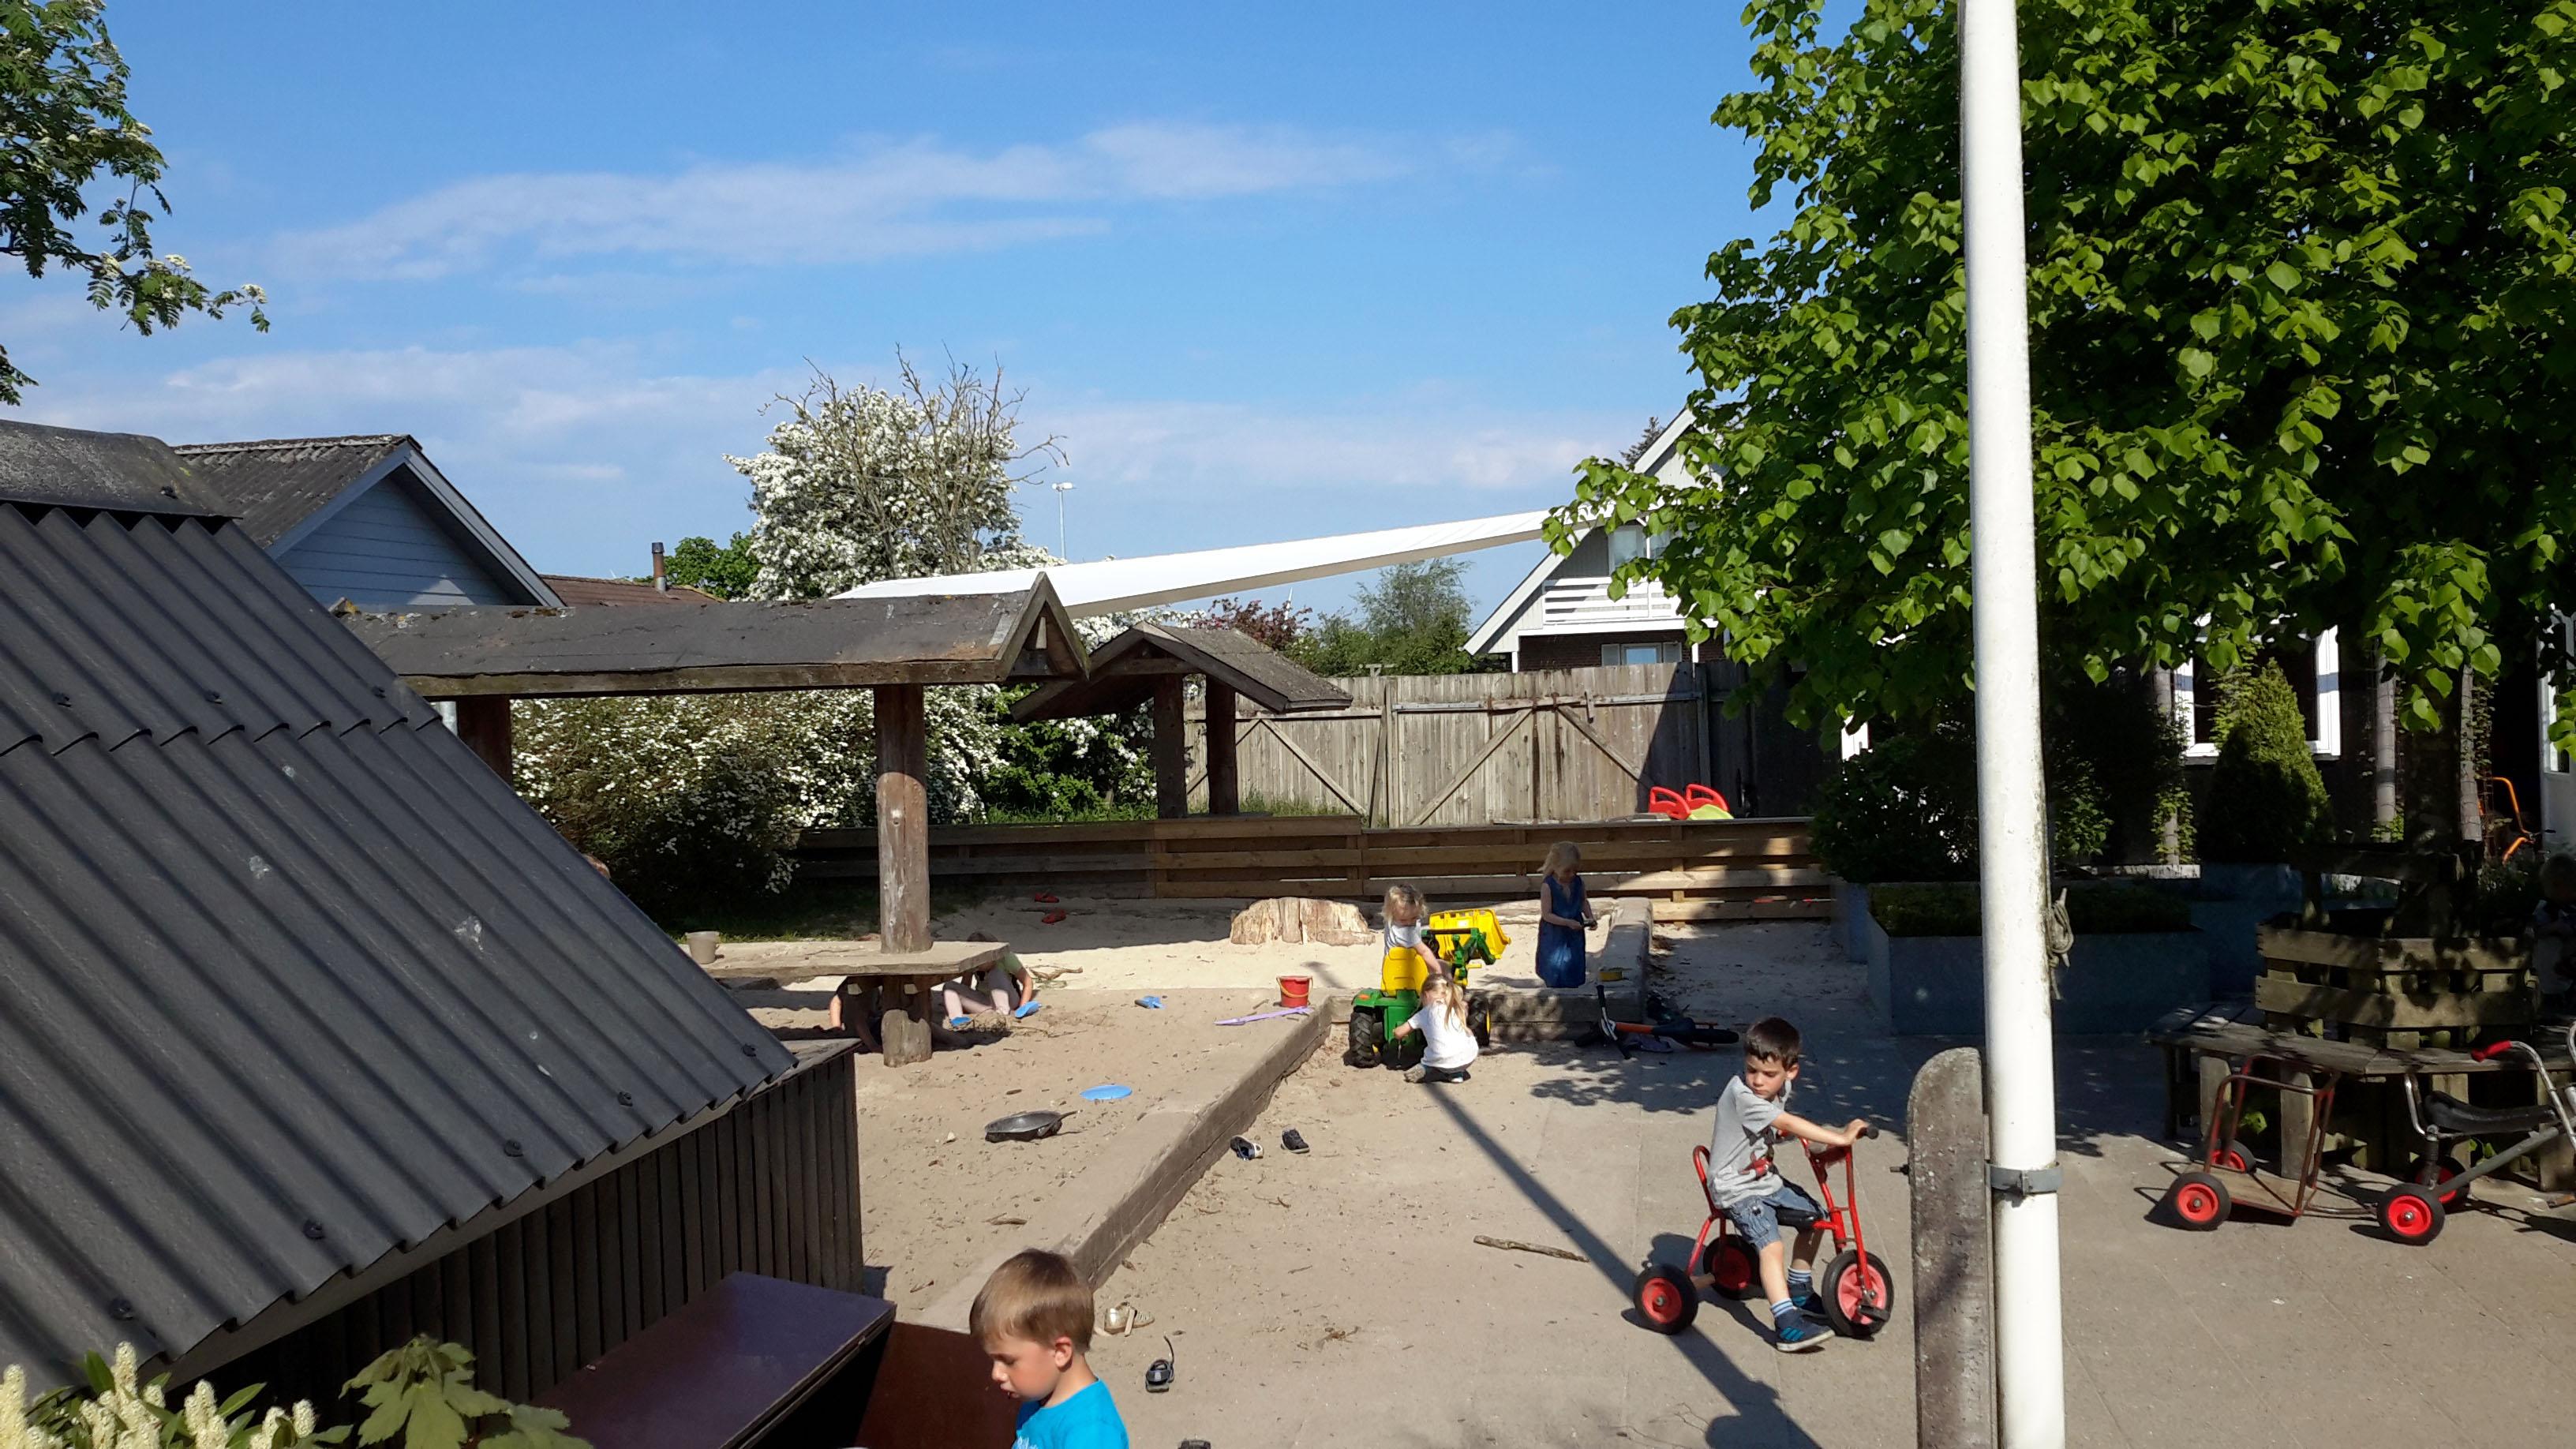 Sejloverdækning i Hemmet børnhave fra siden